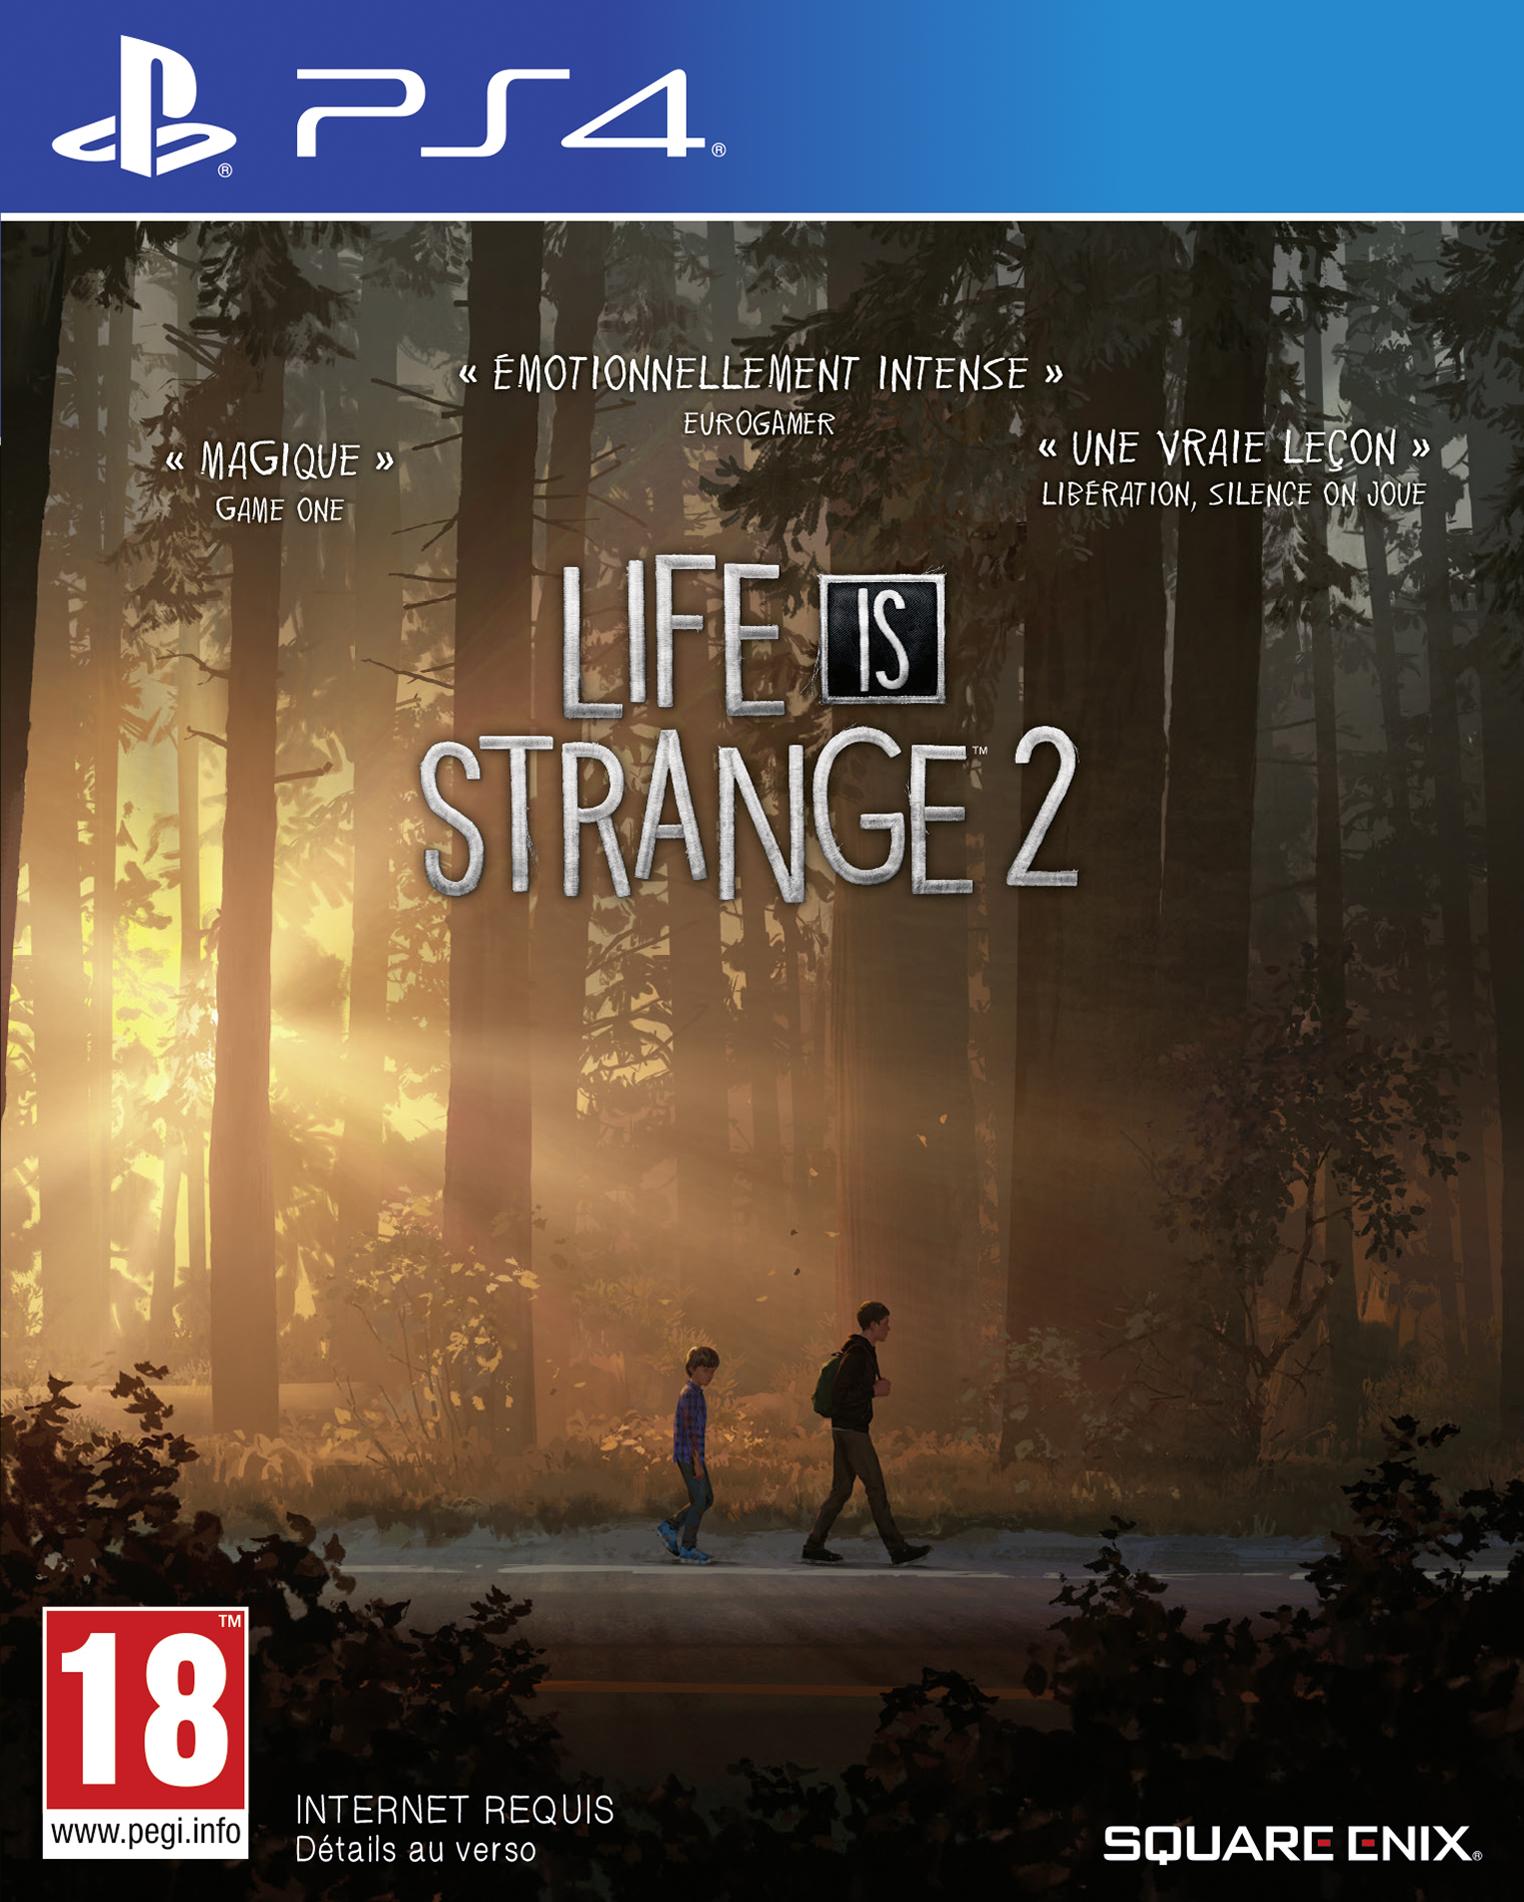 LIFE IS STRANGE 2 3e967fa3fd95bd93298a00caee957071